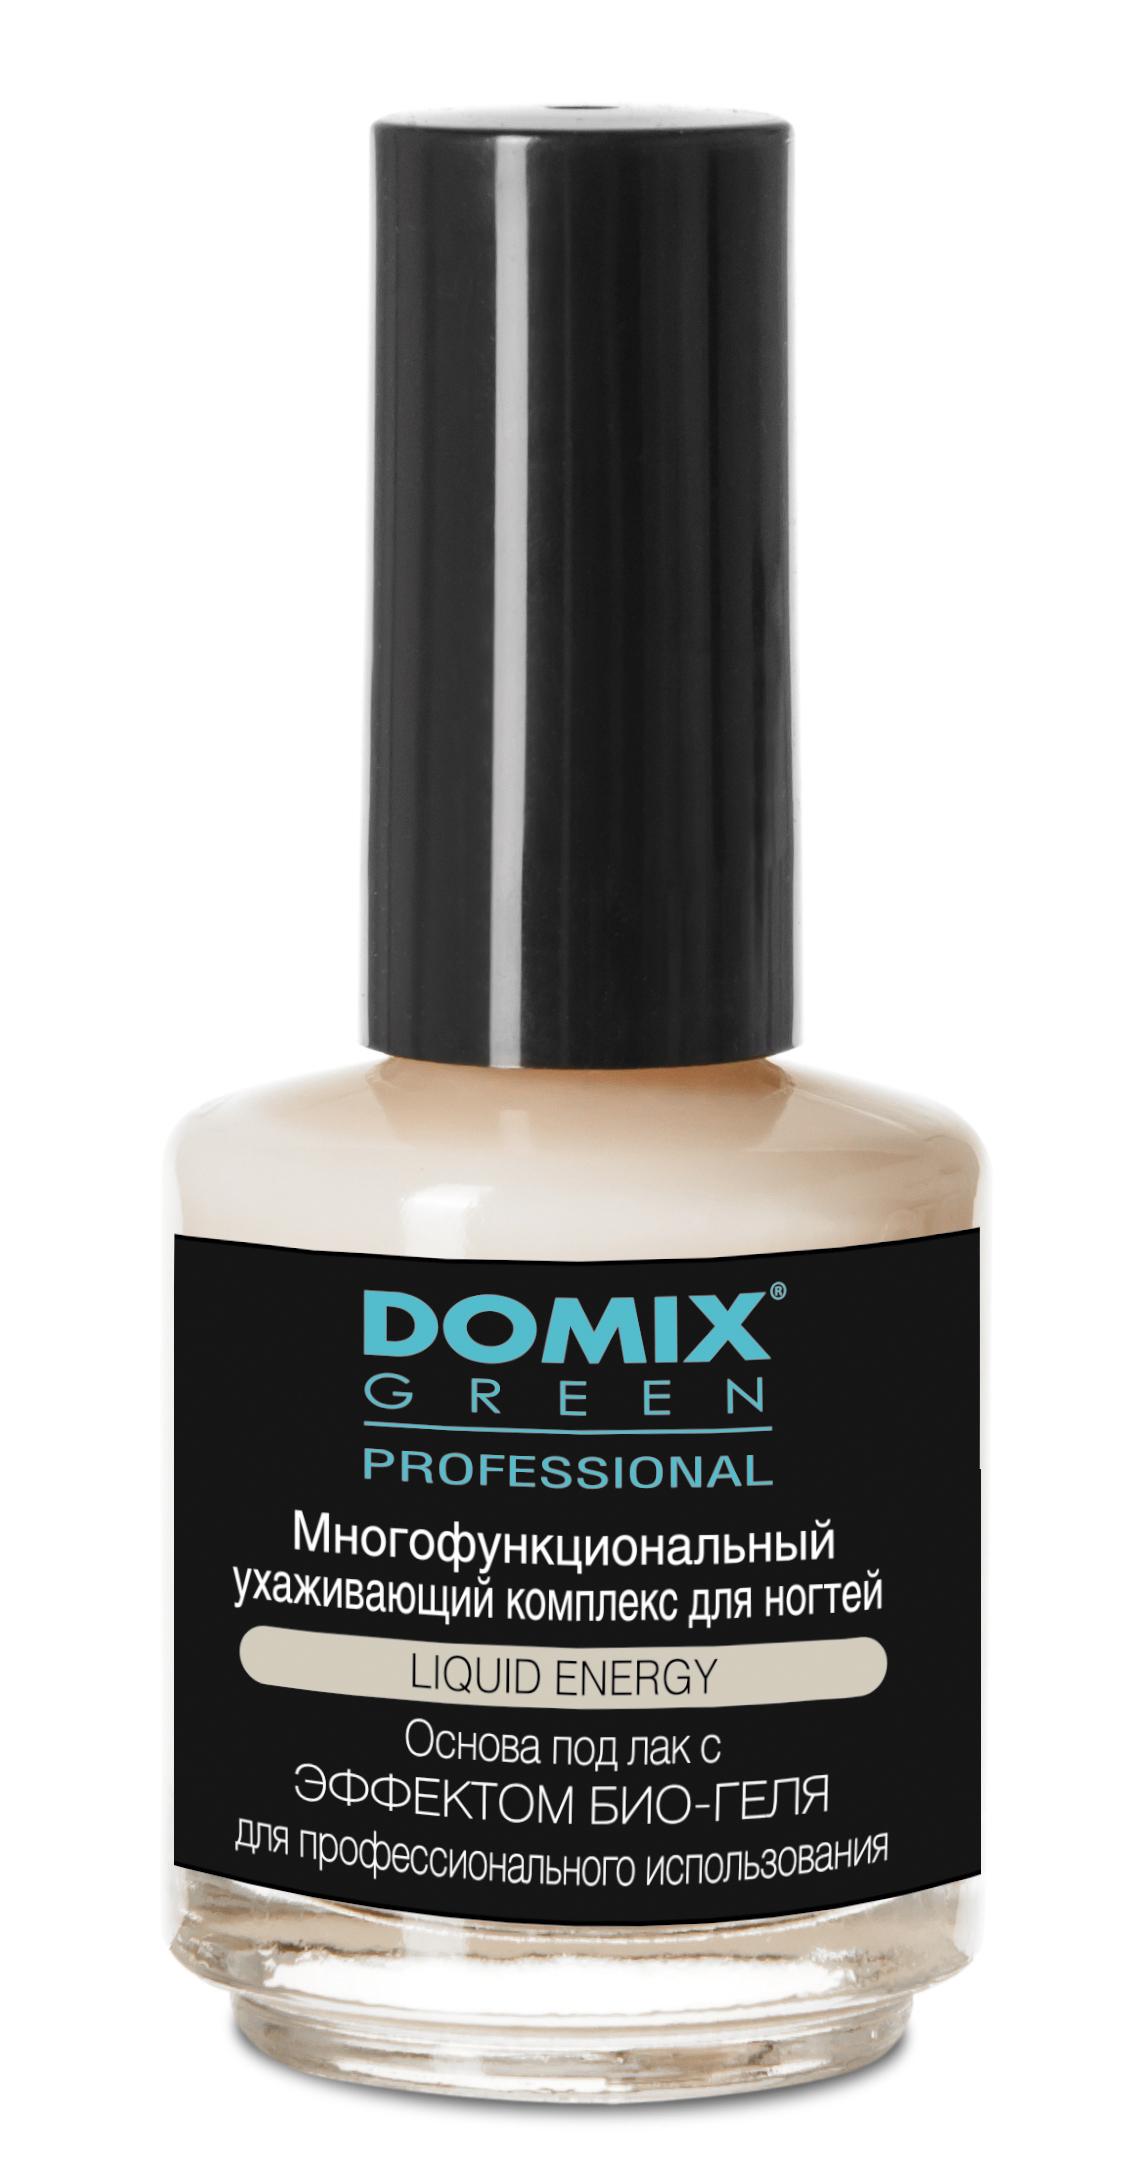 DOMIX Комплекс многофункциональный ухаживающий для ногтей / DGP 17мл